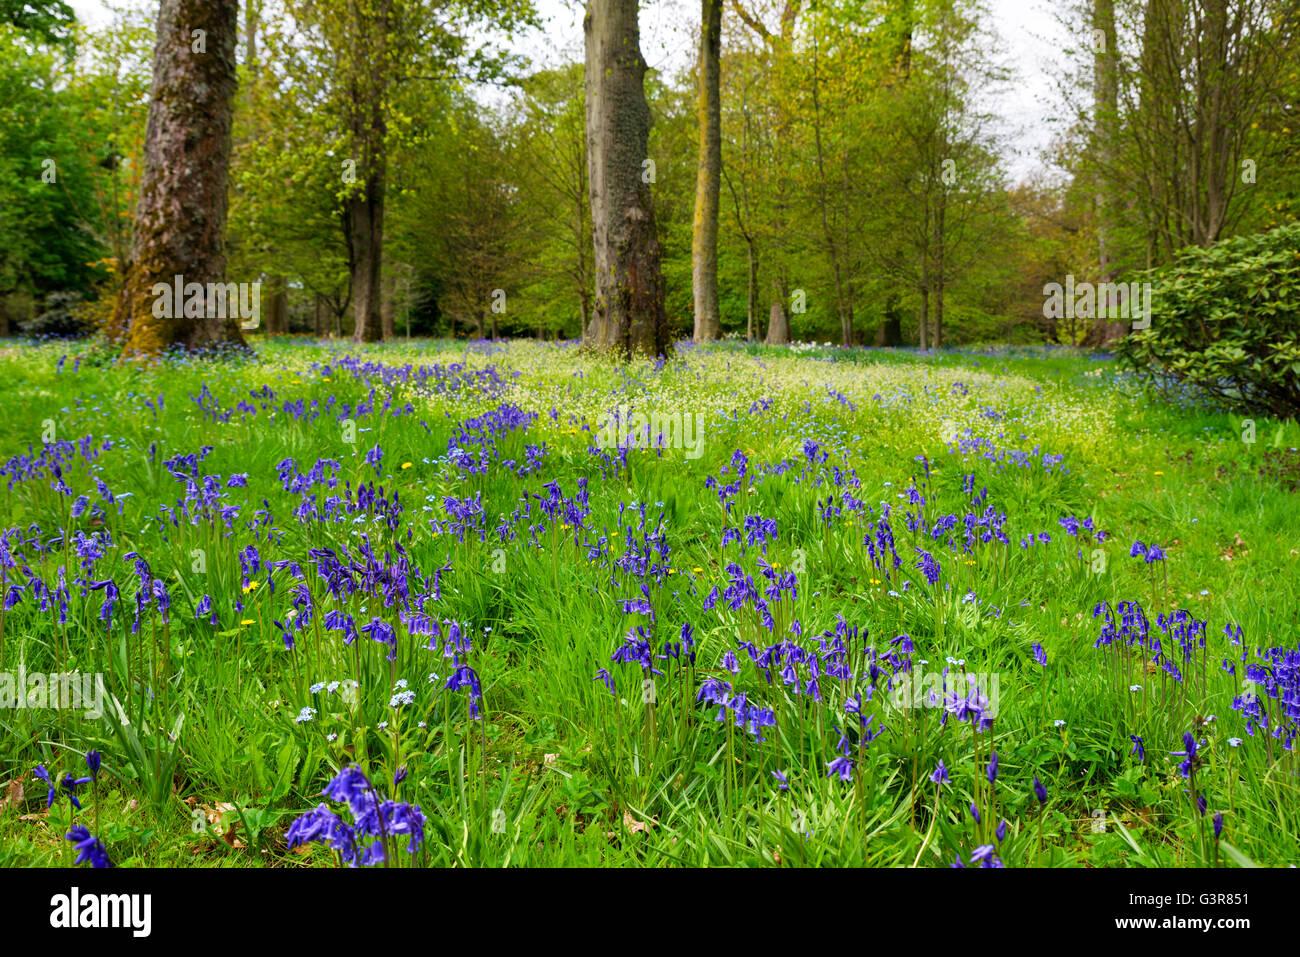 Bluebells (Hyacinthoides non-scripta) dans un bois à étages château, Kelso, Scottish Borders, Scotland, Photo Stock